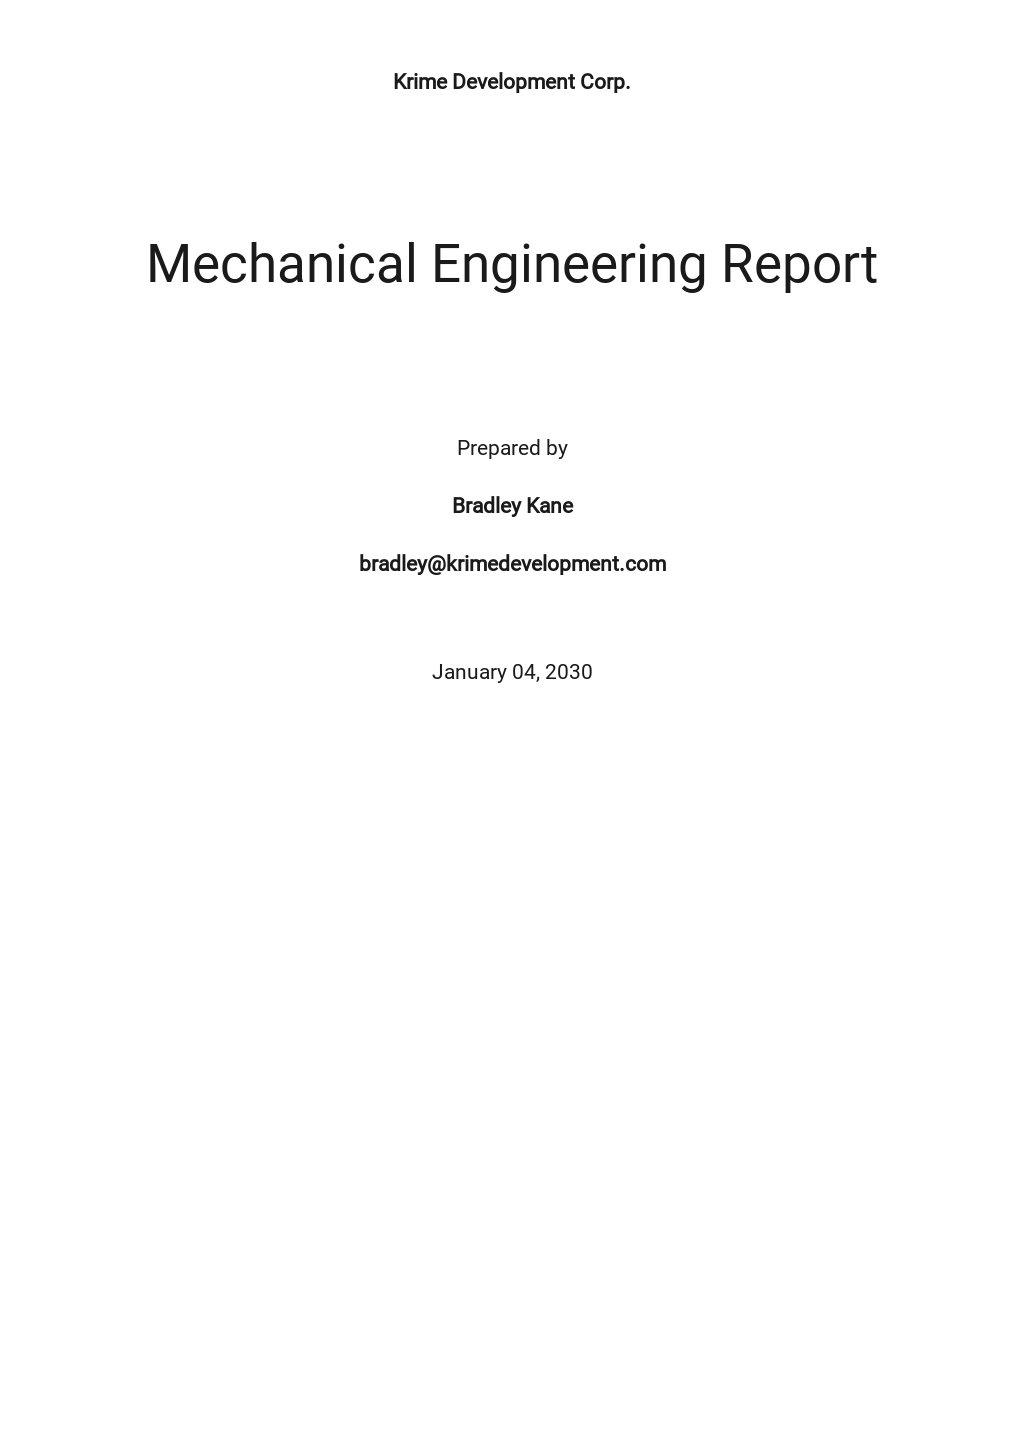 Engineering Report Template.jpe